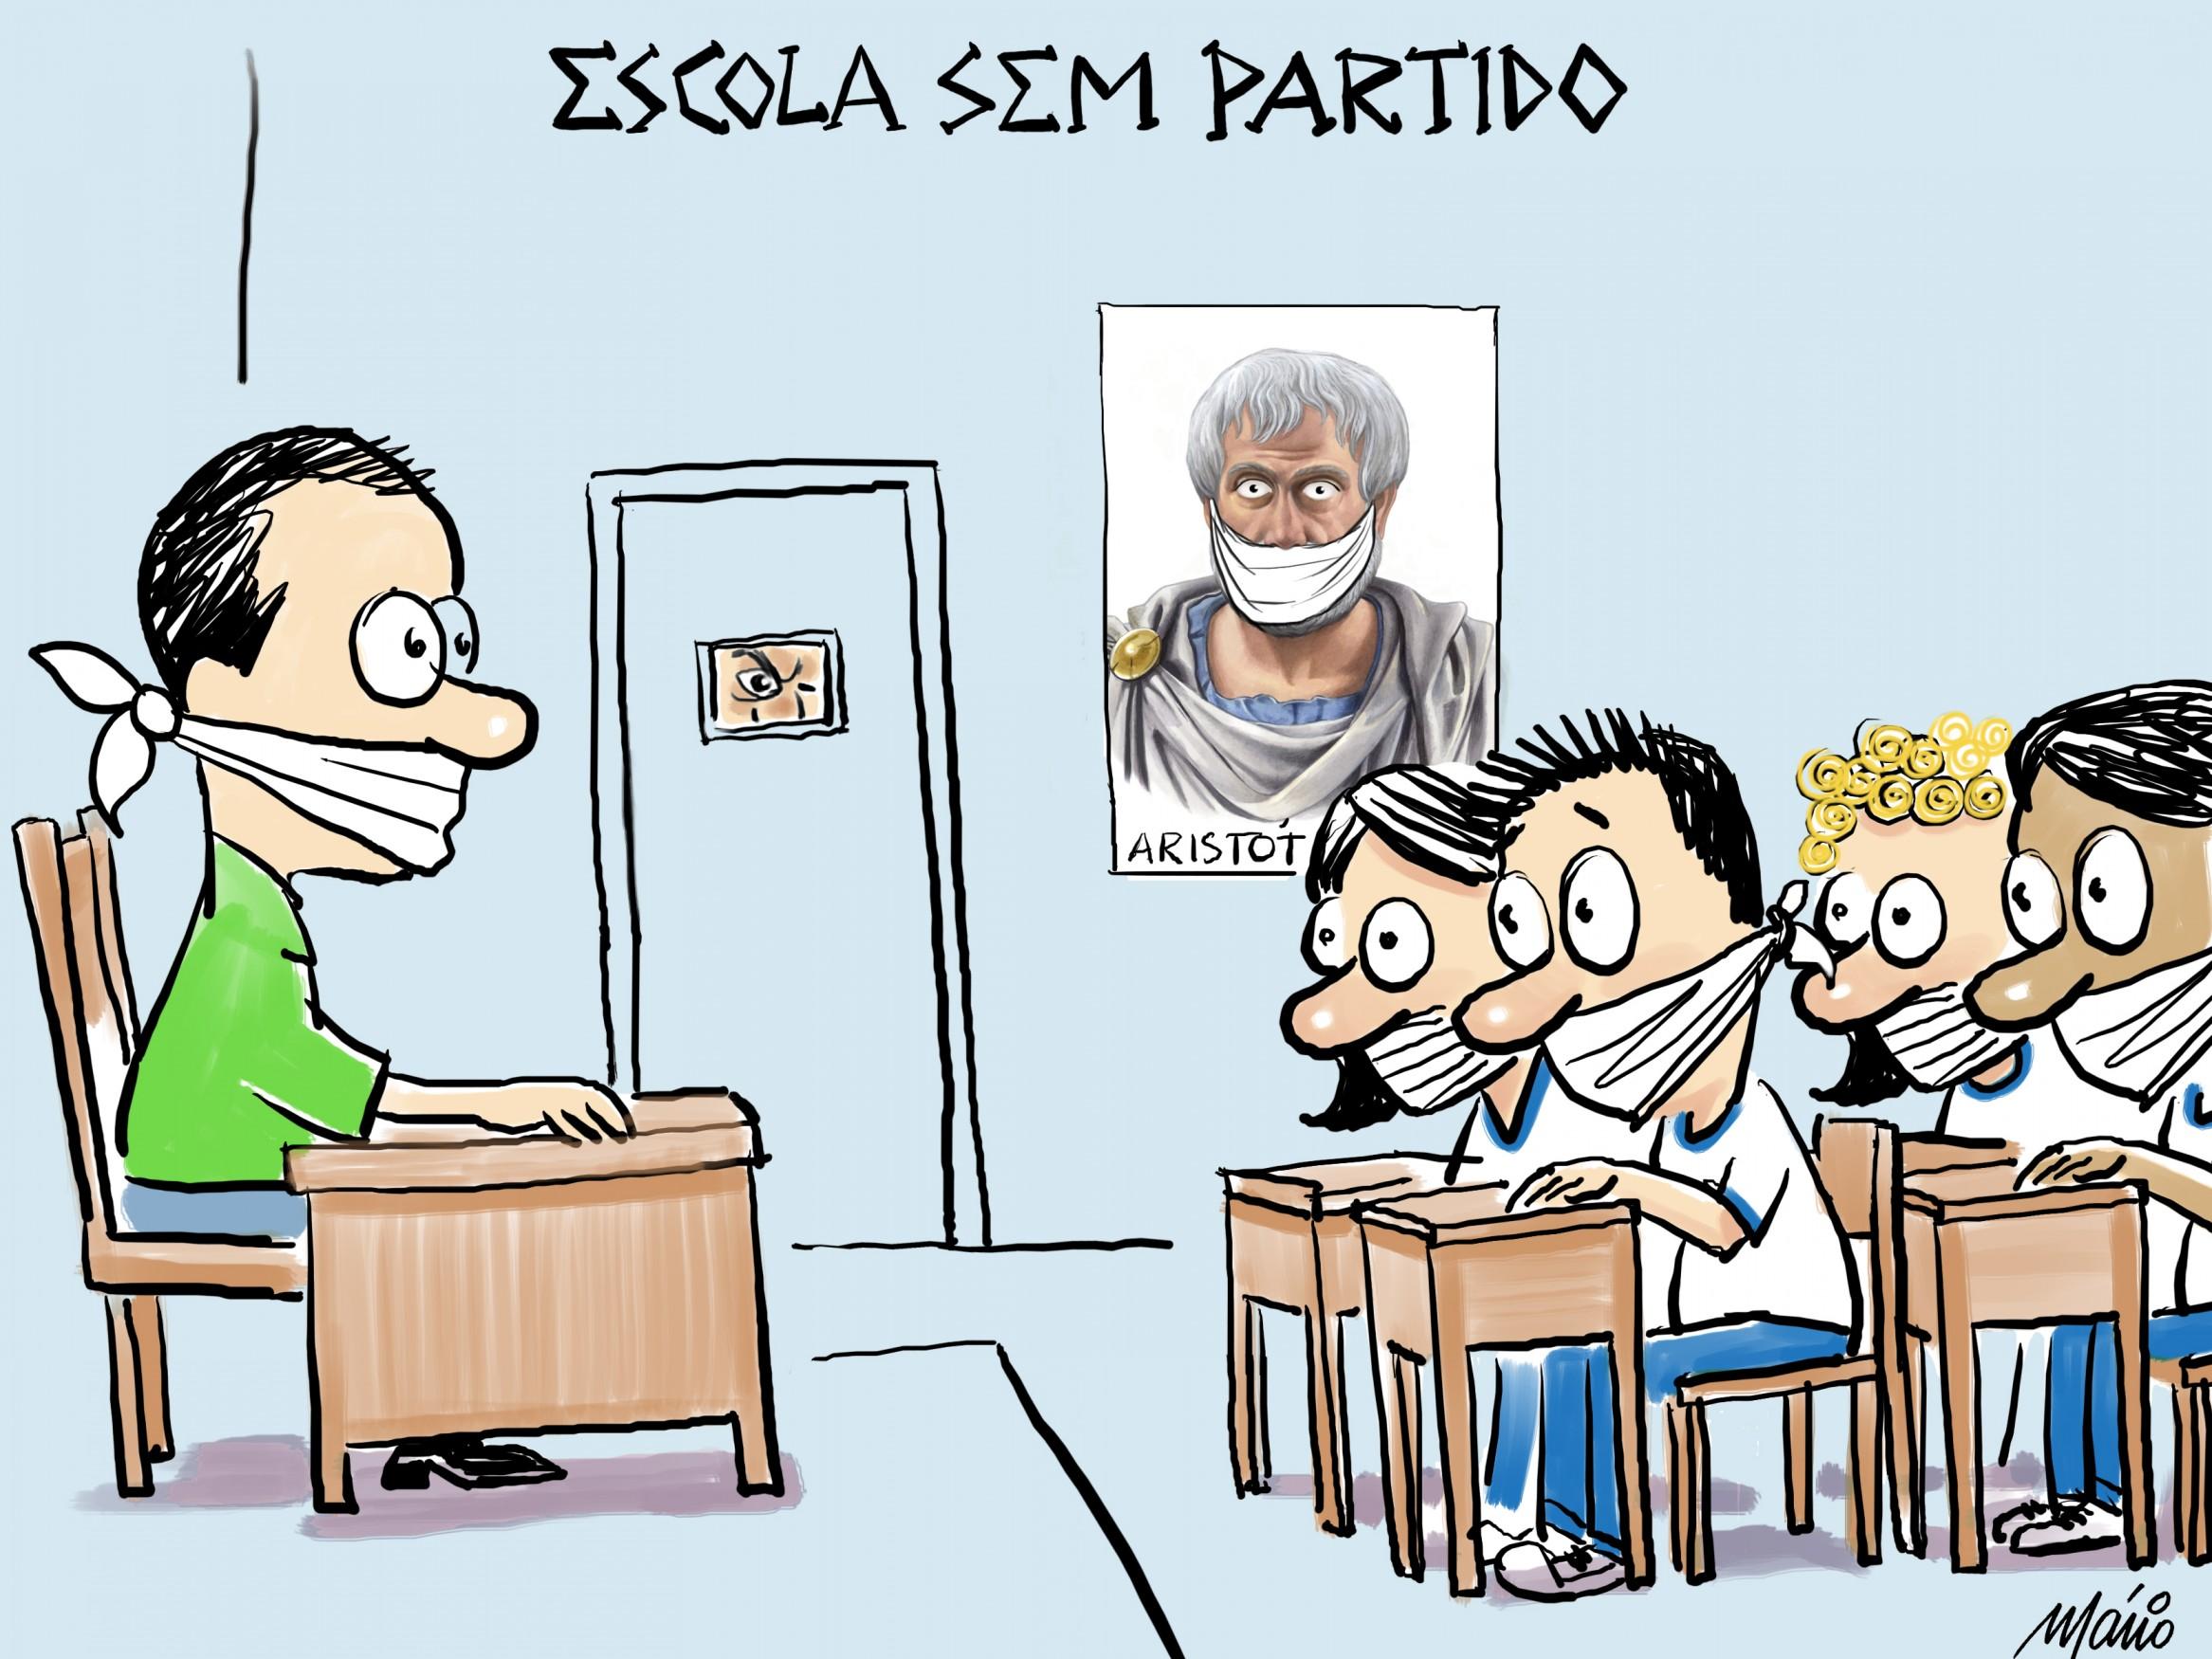 escola-sem-partido (1)